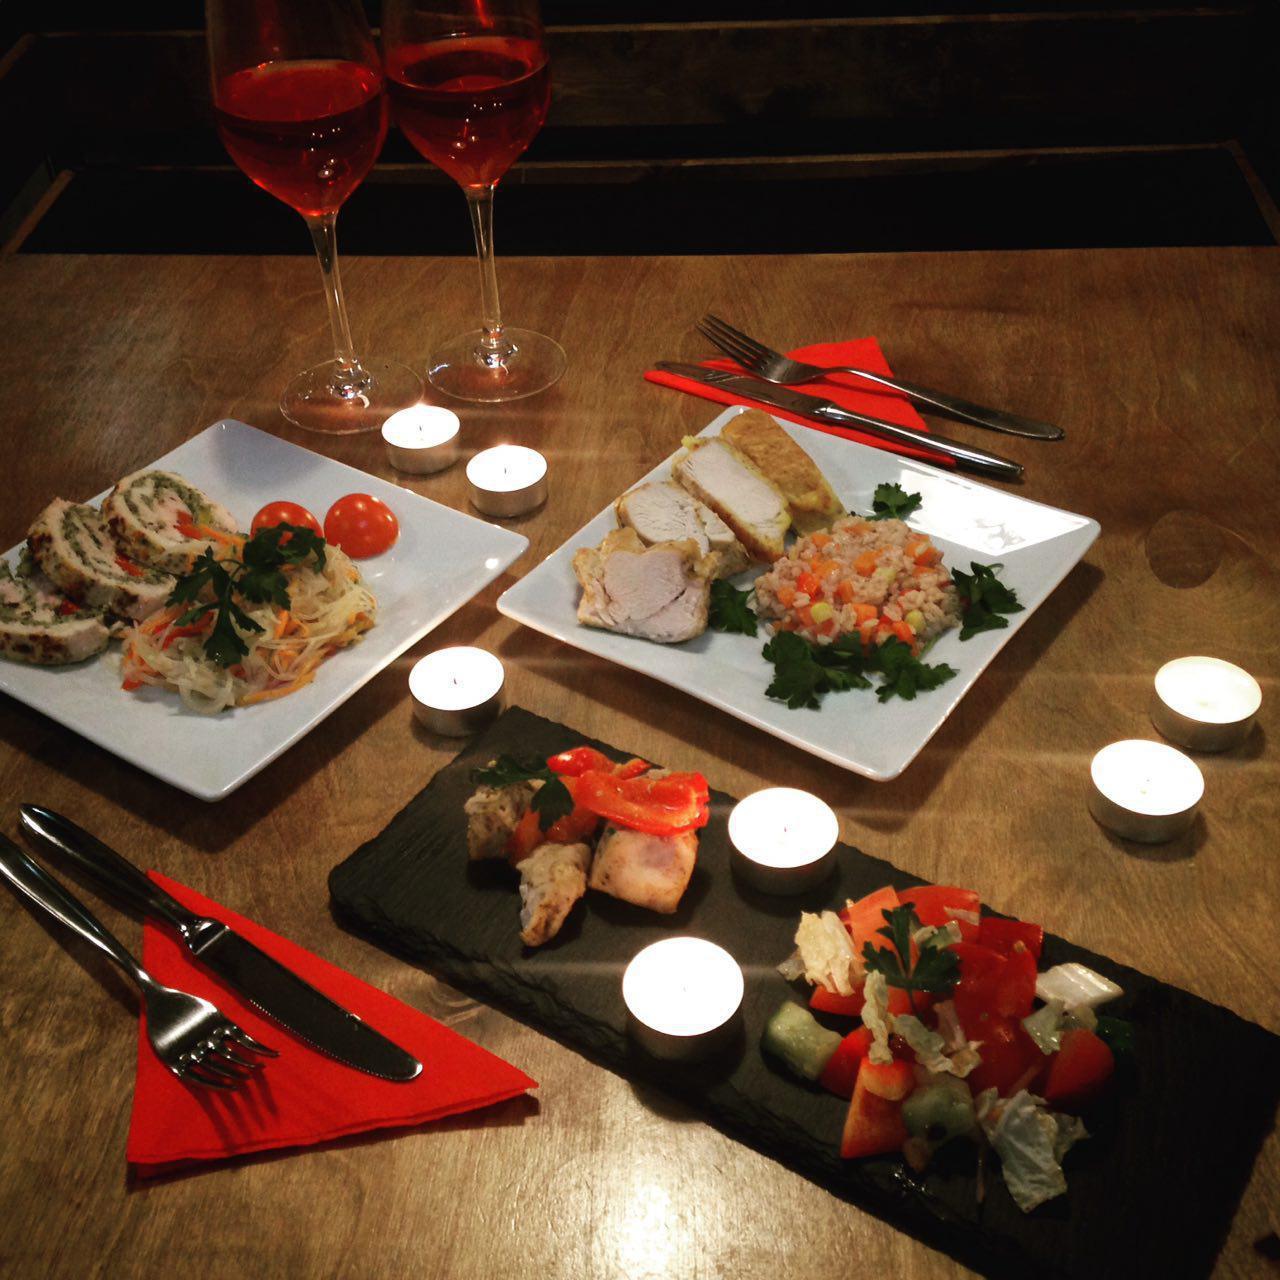 романтический ужин для первого знакомства